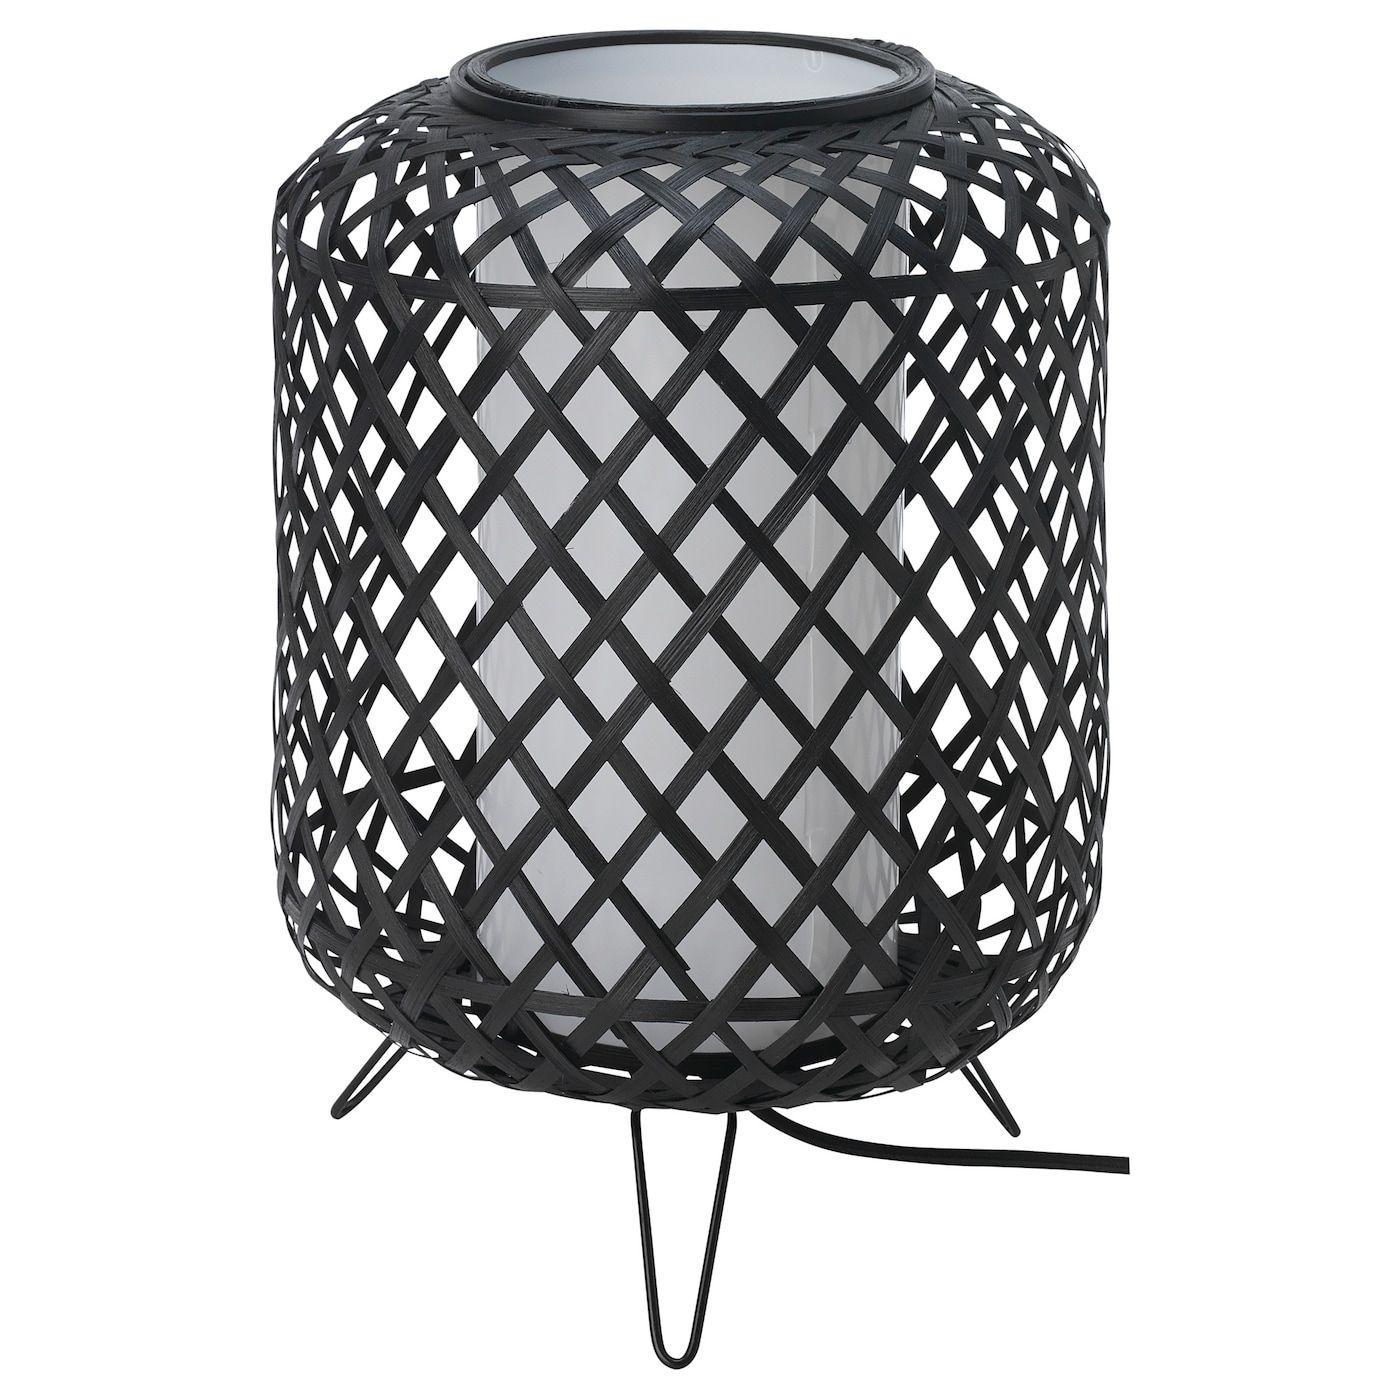 Gottorp Tischleuchte Schwarz Ikea Osterreich Schwarze Tischlampen Tischleuchte Schwarz Tischleuchte